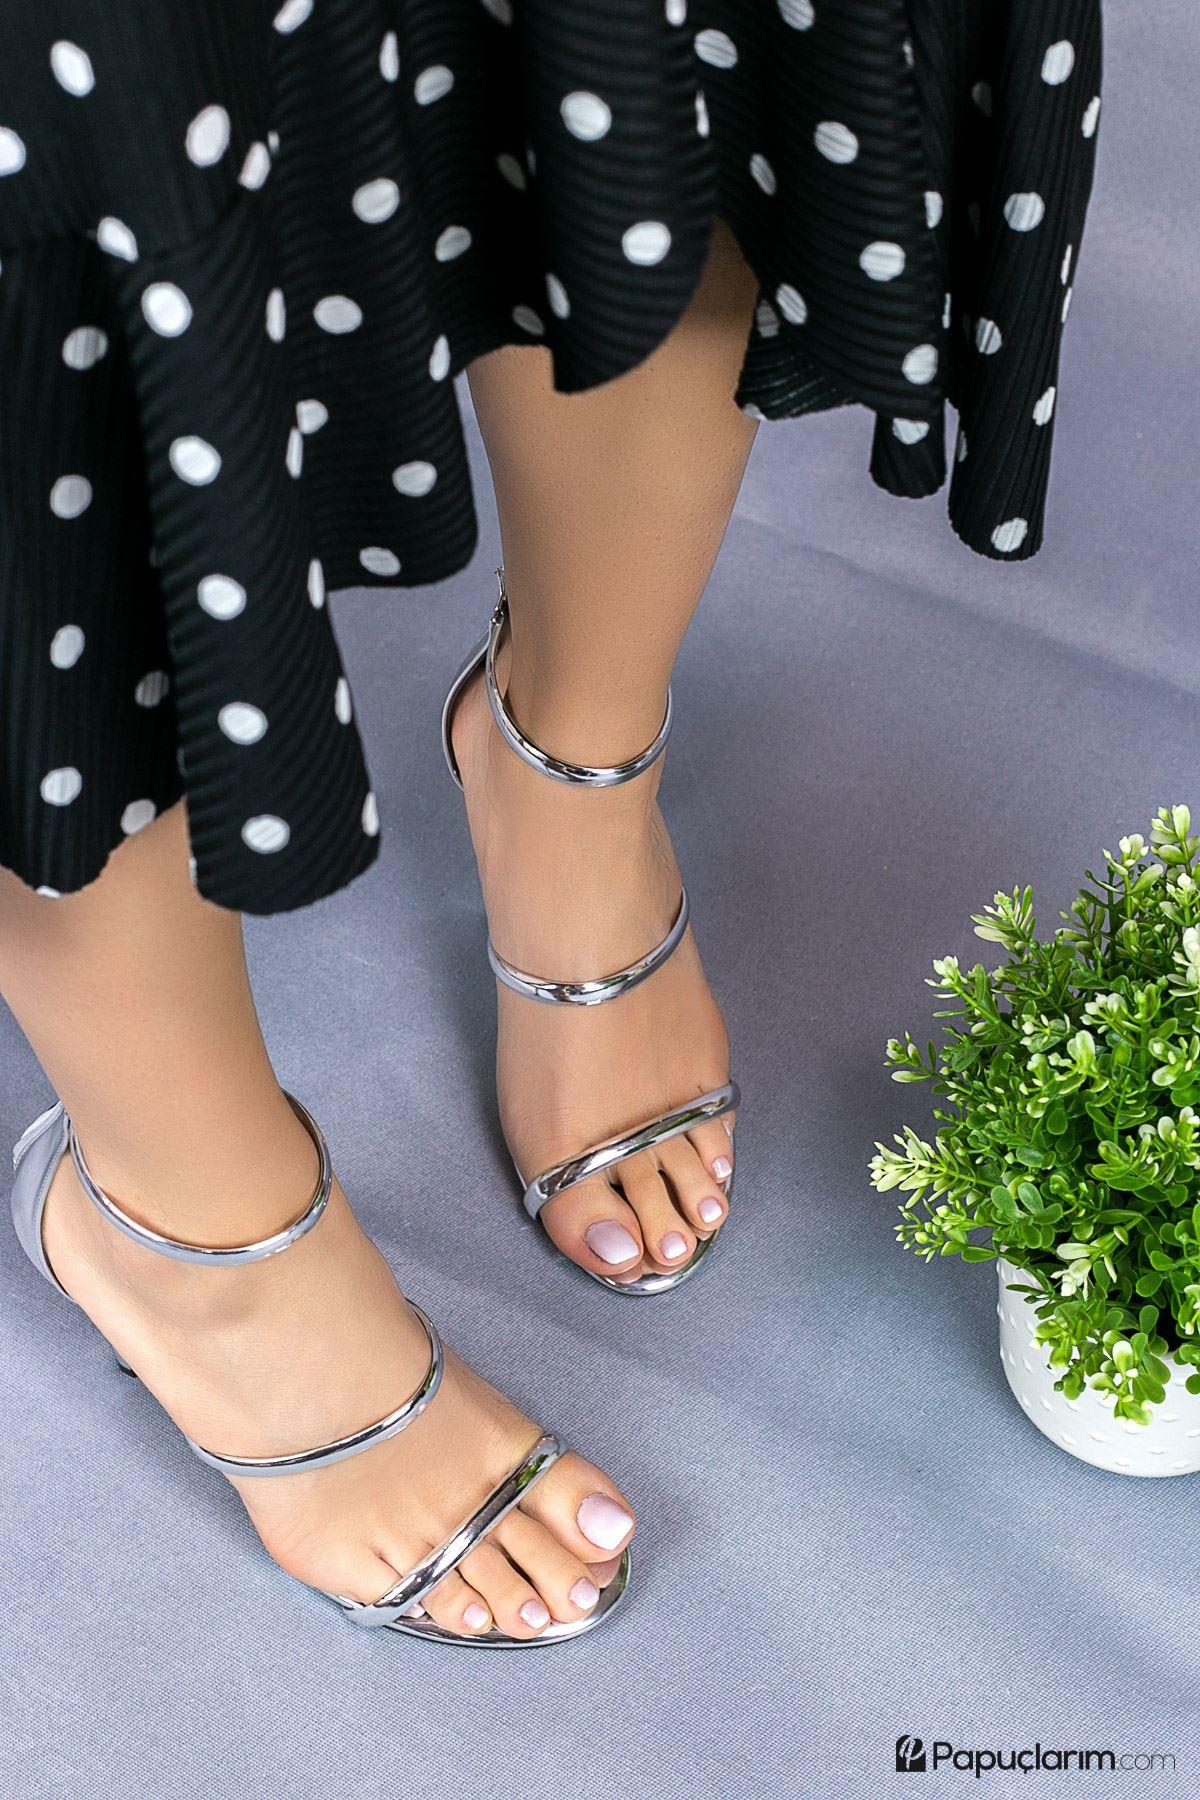 Liona Platin Yüksek Topuklu Kadın Ayakkabı